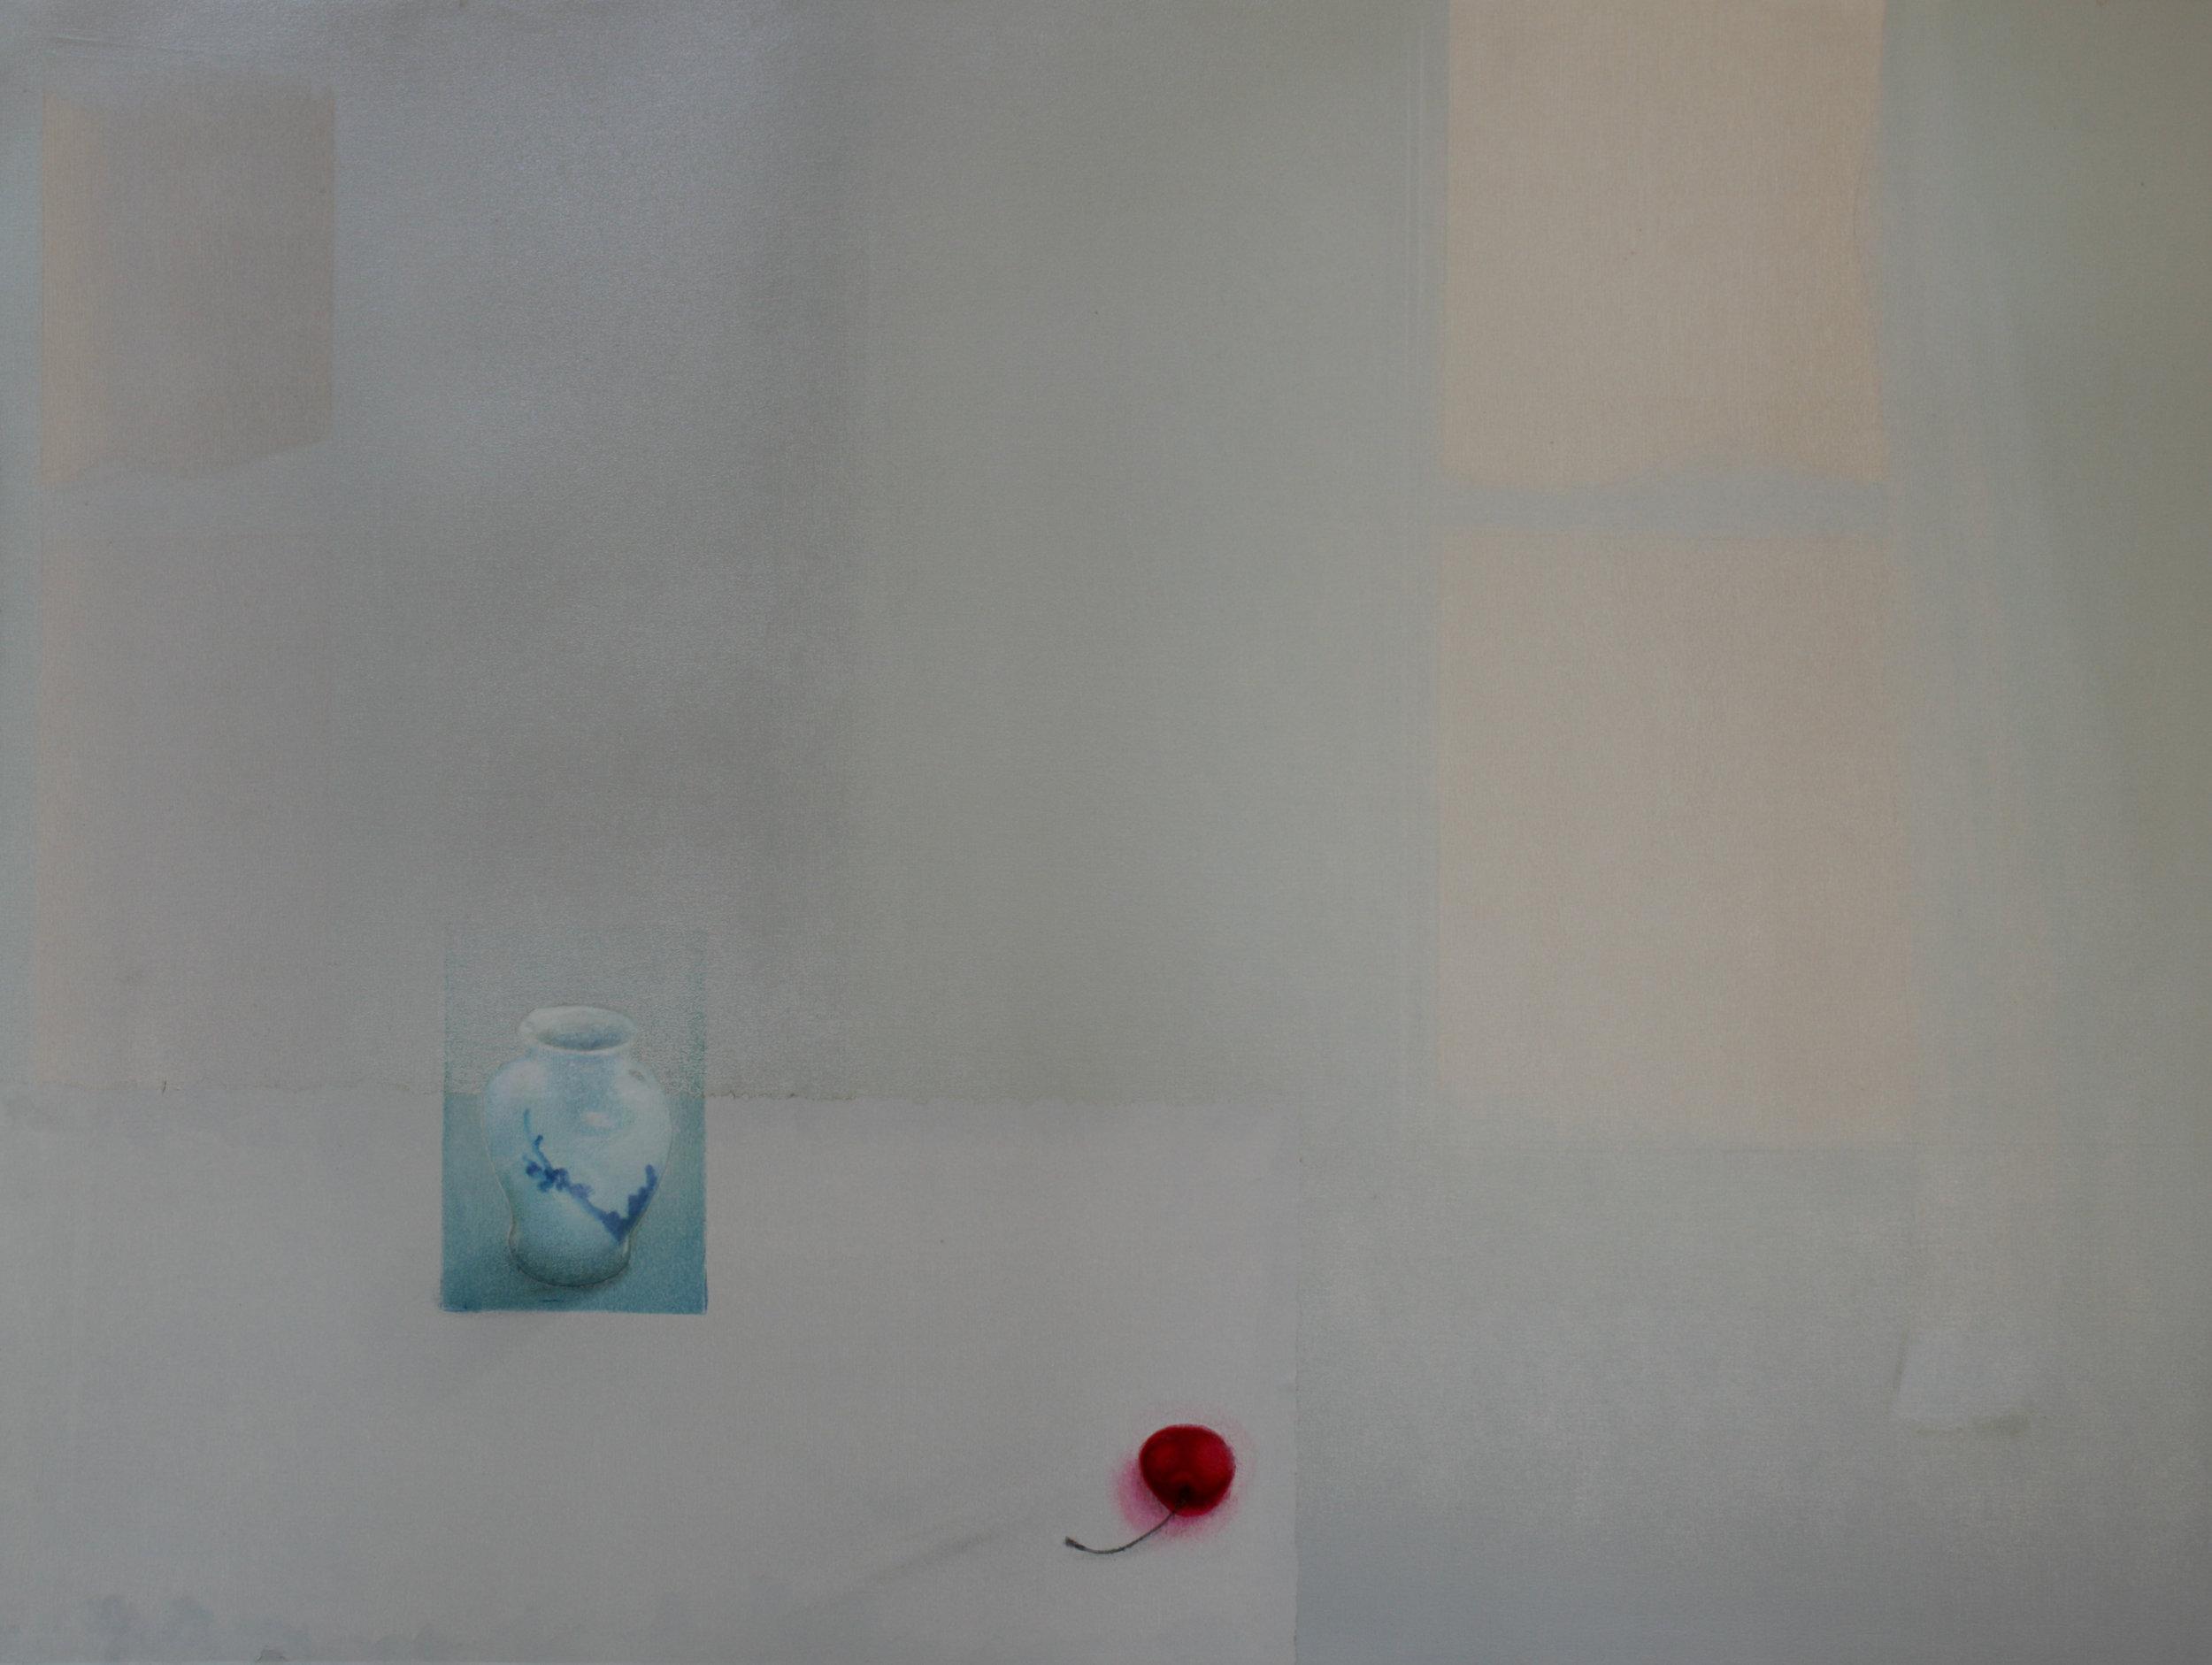 Praween PIANGCHOOMPU, Sanctuary Inside The Soul #23, 2017, Woodcut on Paper, 6 of 6, 60.5 x 81 cm